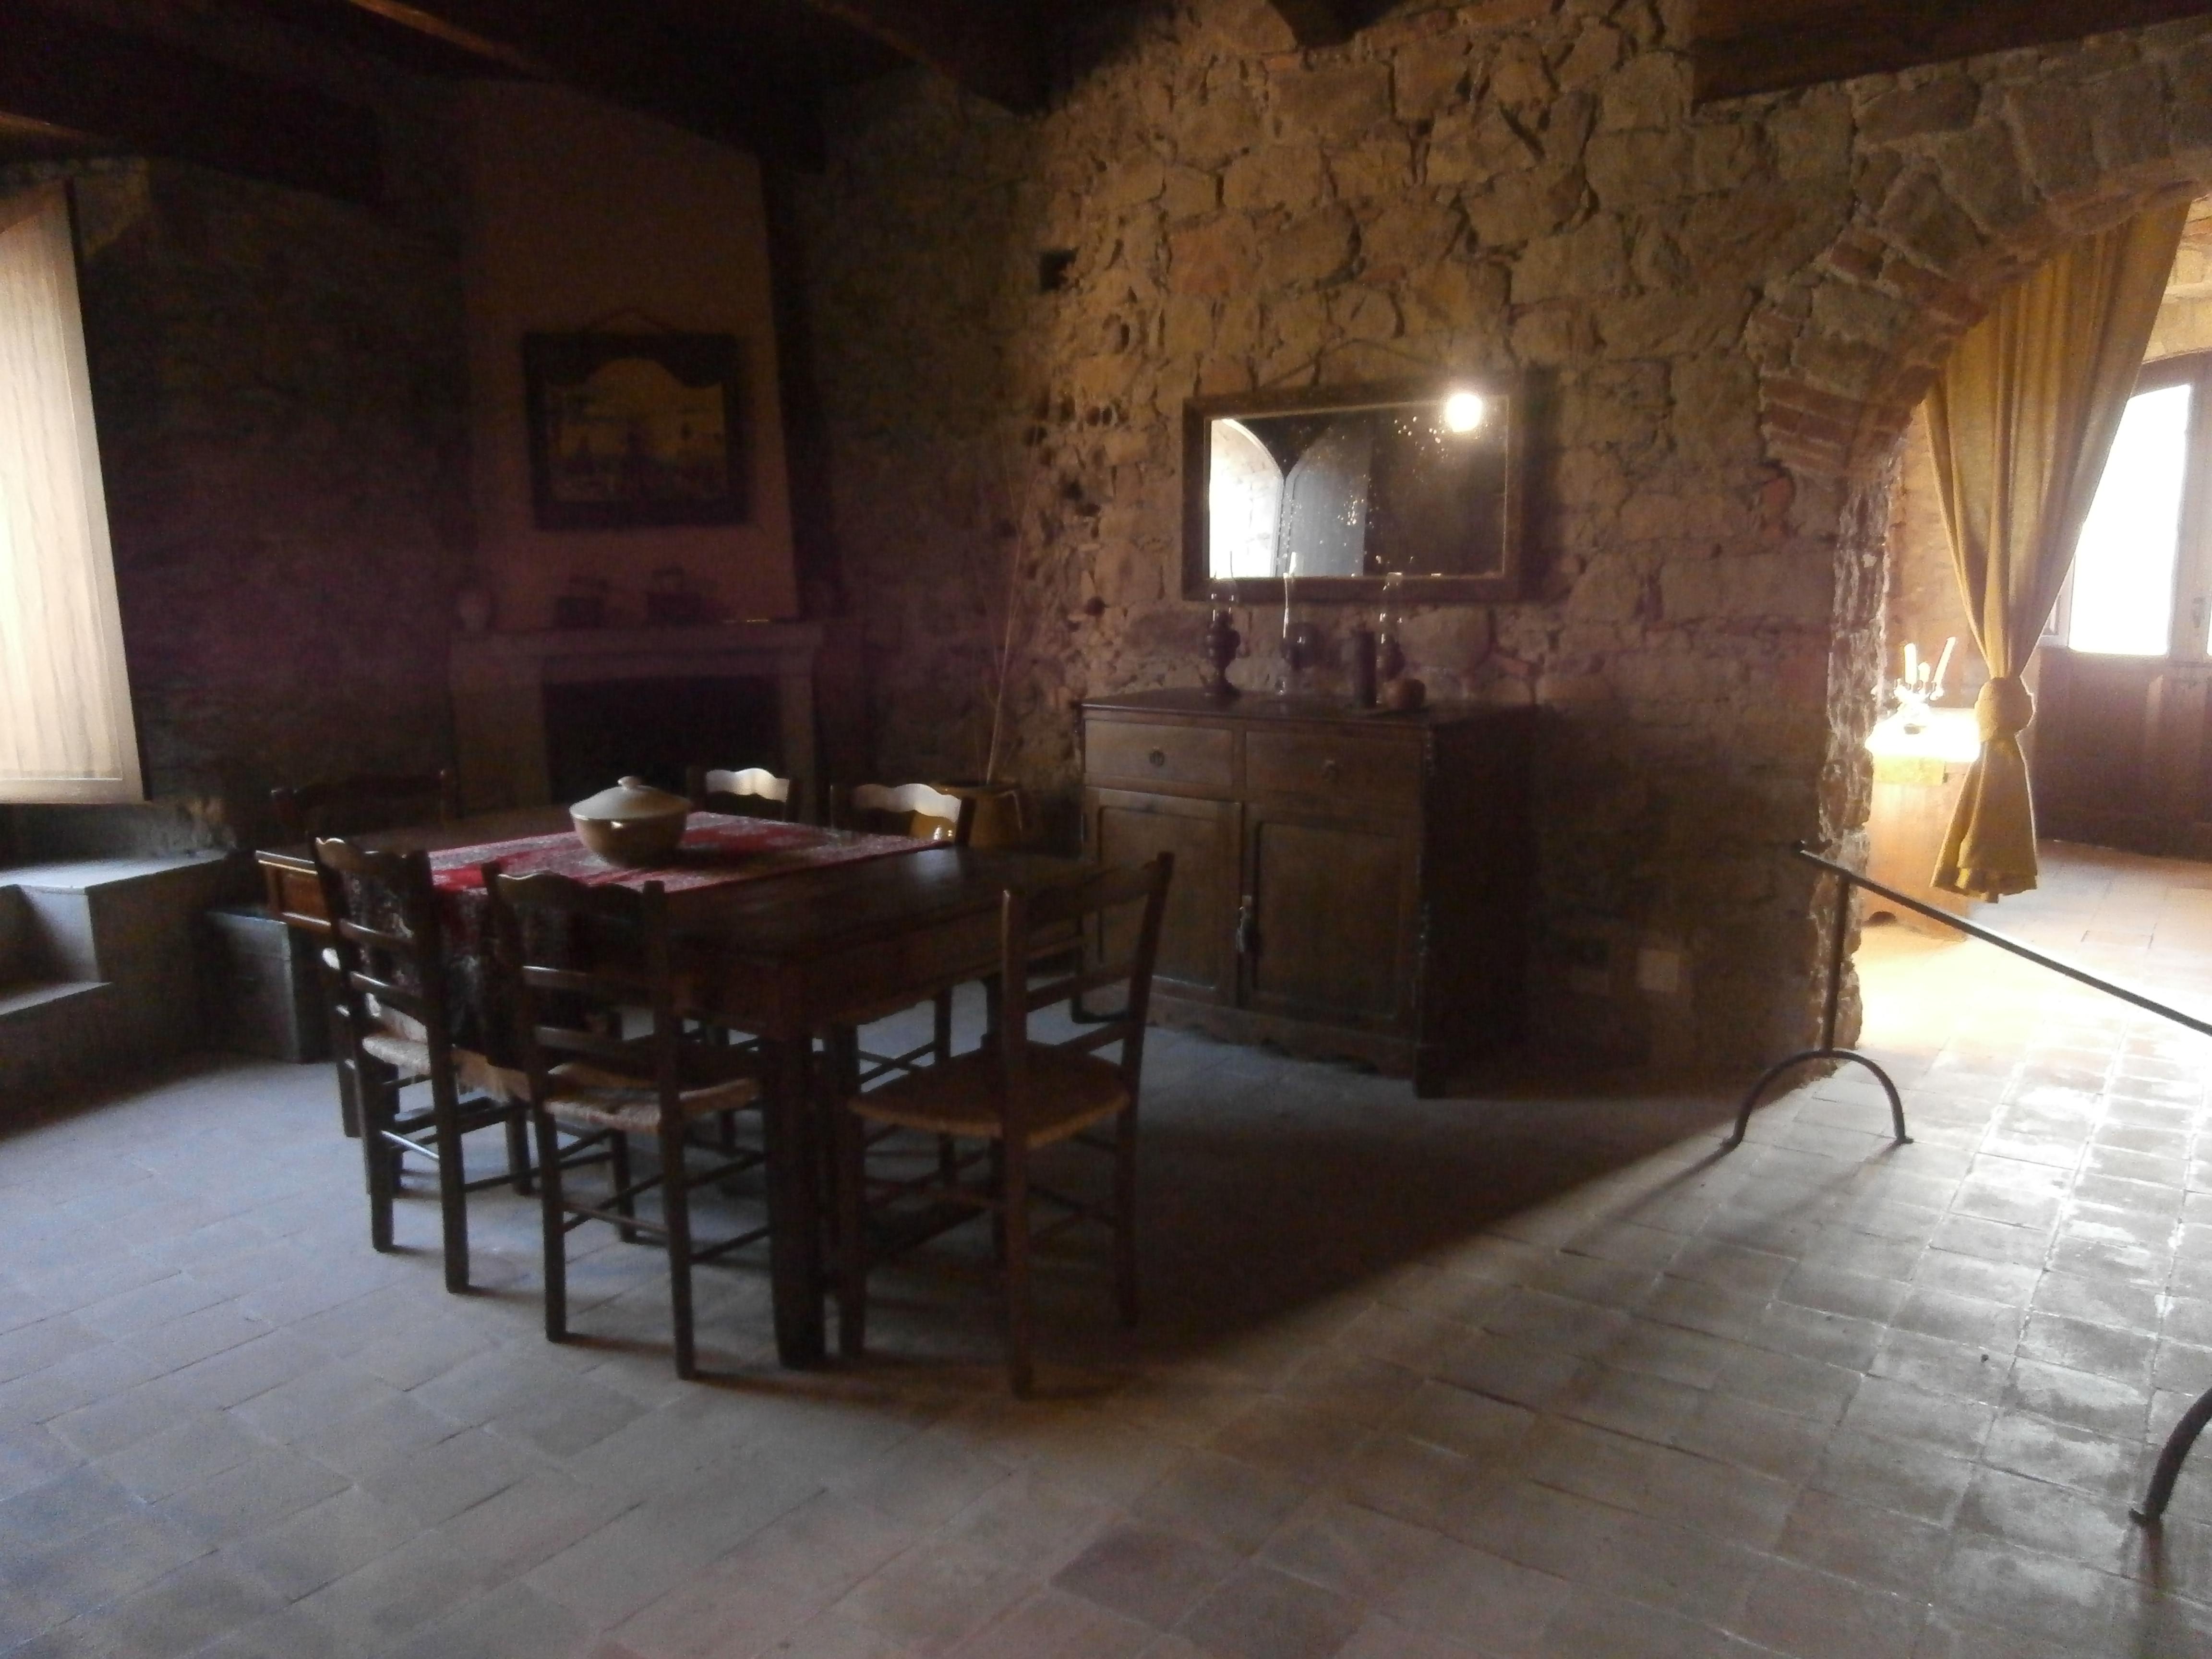 File:Sala da pranzo del castello di Favale.jpg - Wikimedia Commons